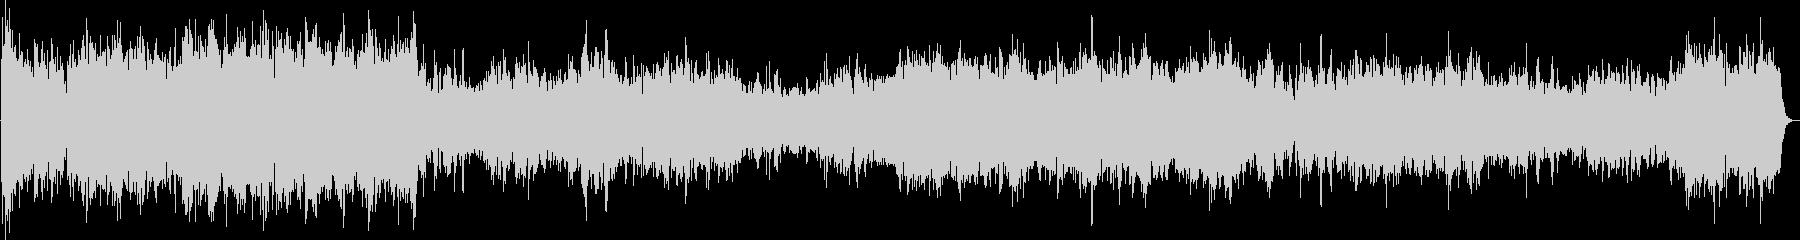 ピアノ2台の豪華な曲・1楽章(バッハ)の未再生の波形